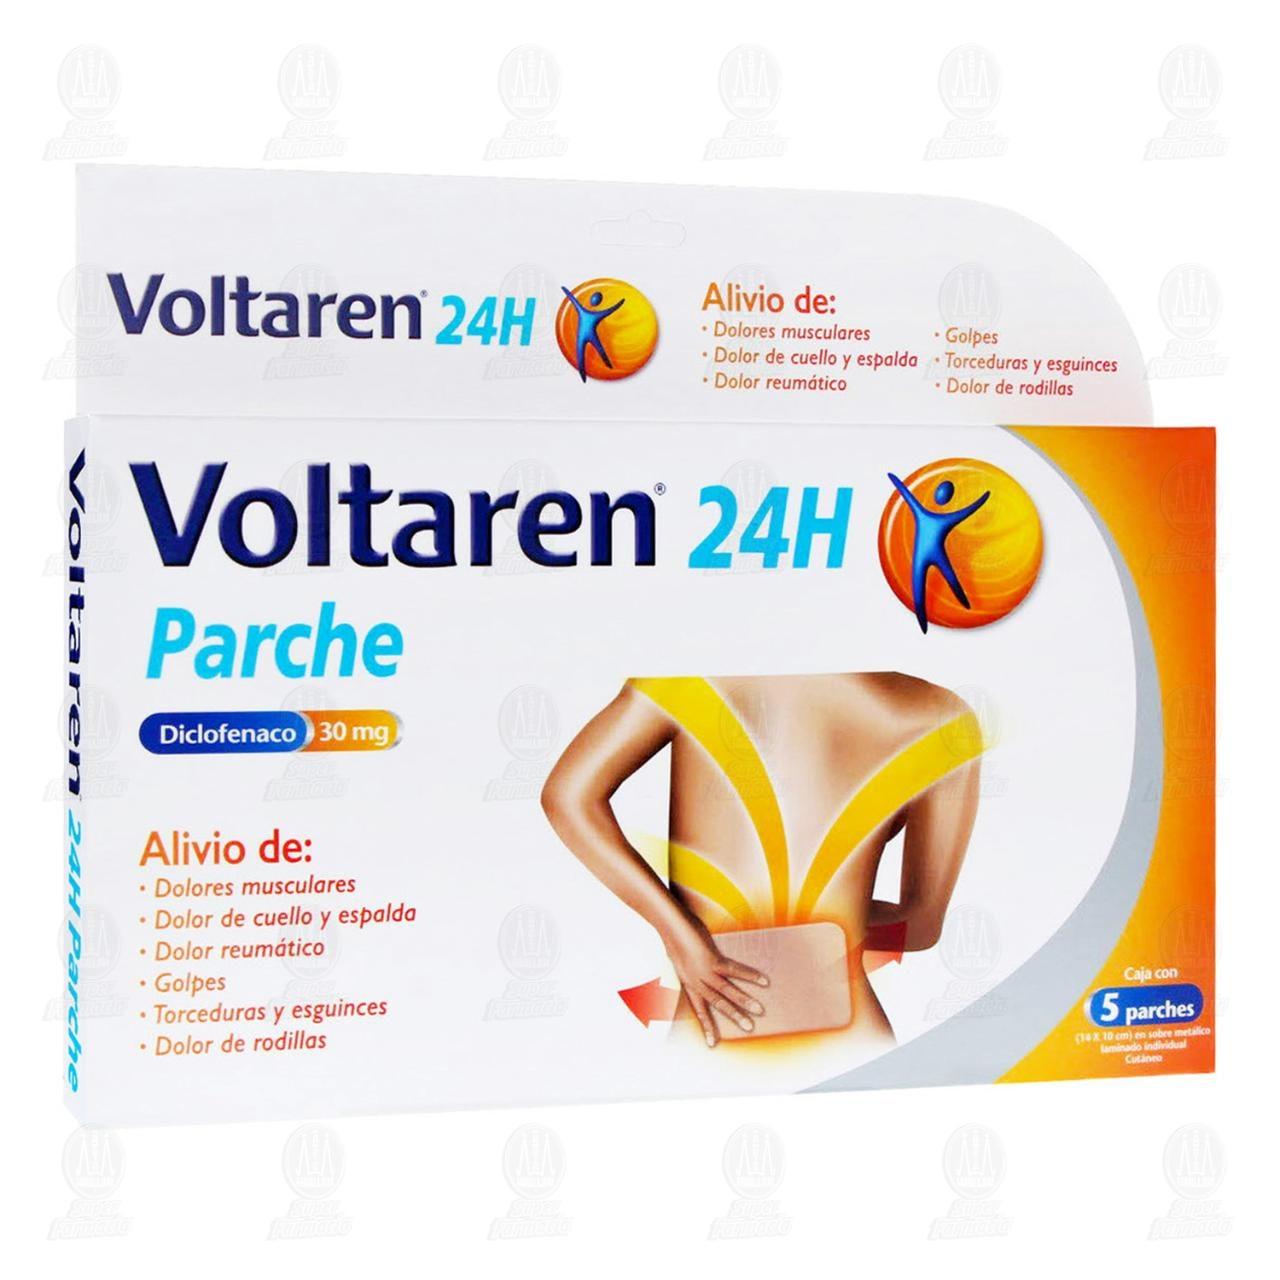 Comprar Voltaren 24H 30mg 5 Parches en Farmacias Guadalajara